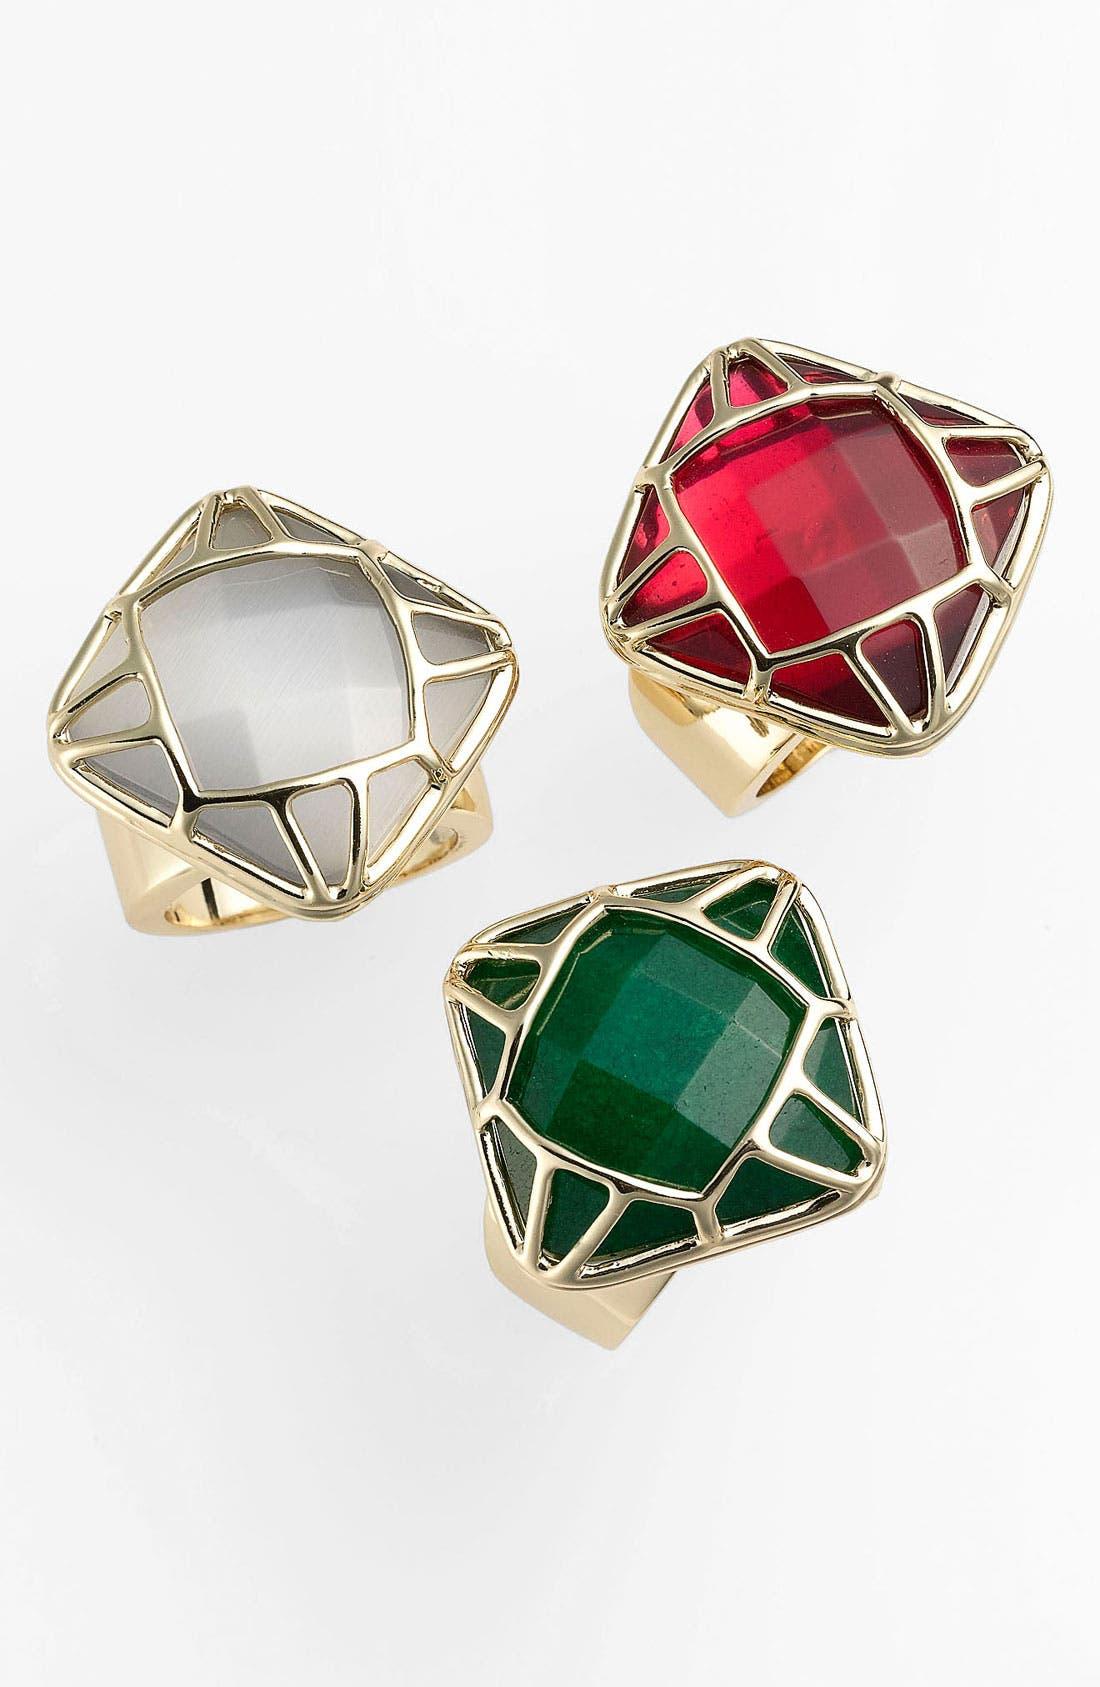 Main Image - Kendra Scott 'Ruthie' Stone Ring